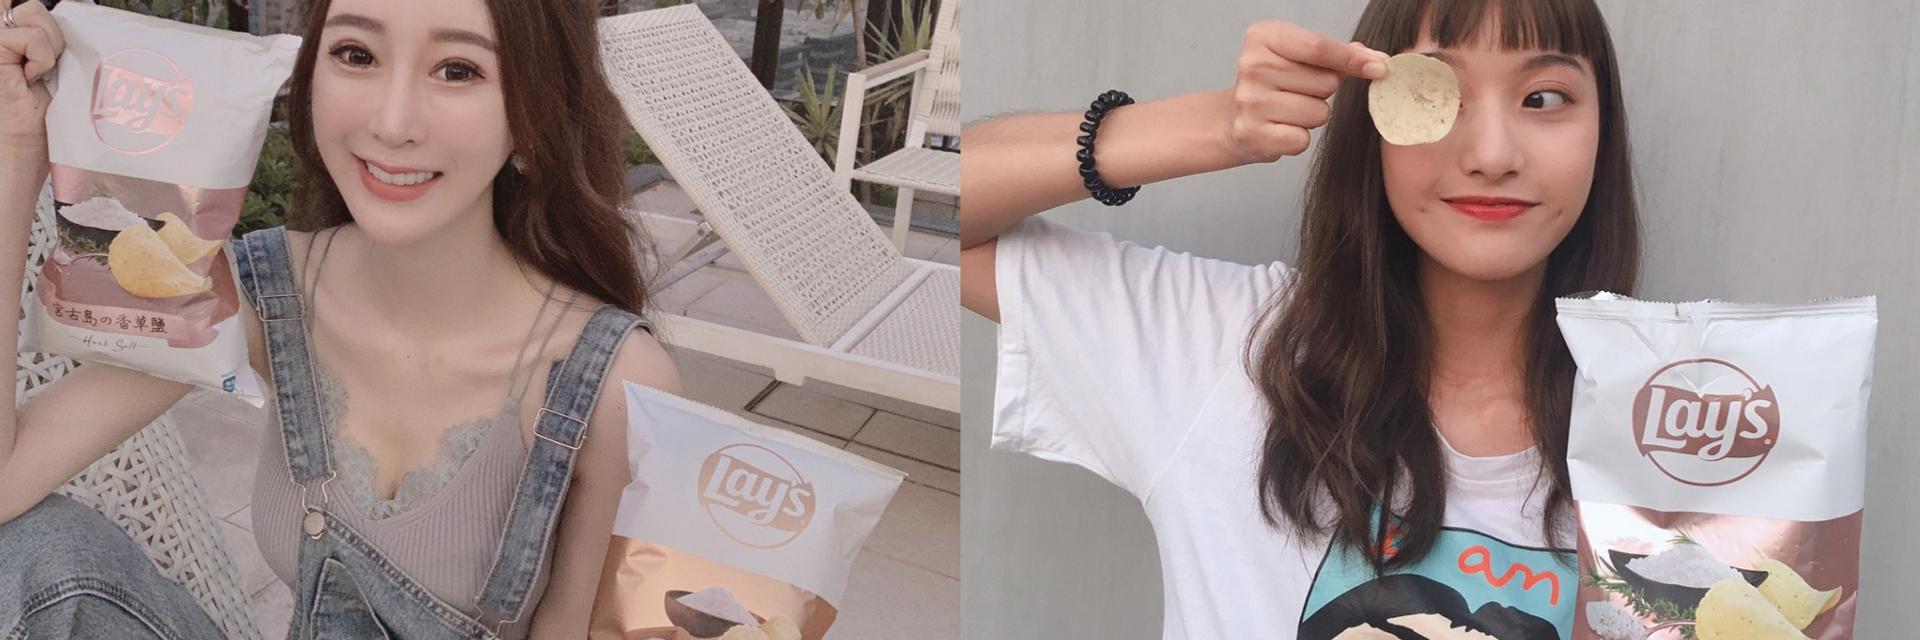 就是它!引爆了各大網美的少女心,顏質最高的「樂事日式鹽系列餅乾」來了,古銅金與玫瑰金的超絕美外型讓網友直呼:「這餅乾太美」